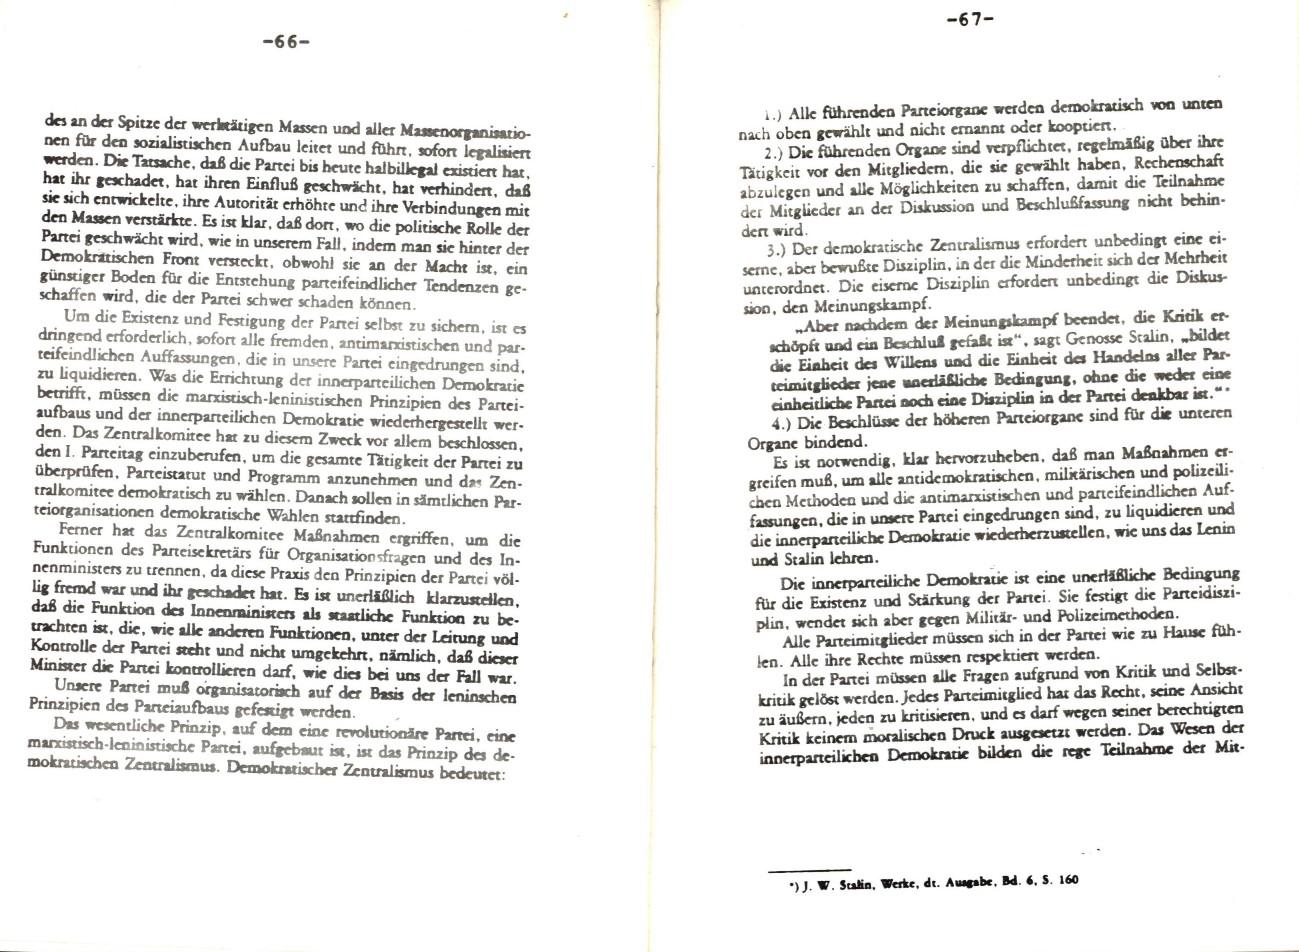 MLSK_Theorie_und_Praxis_des_ML_1979_24_35